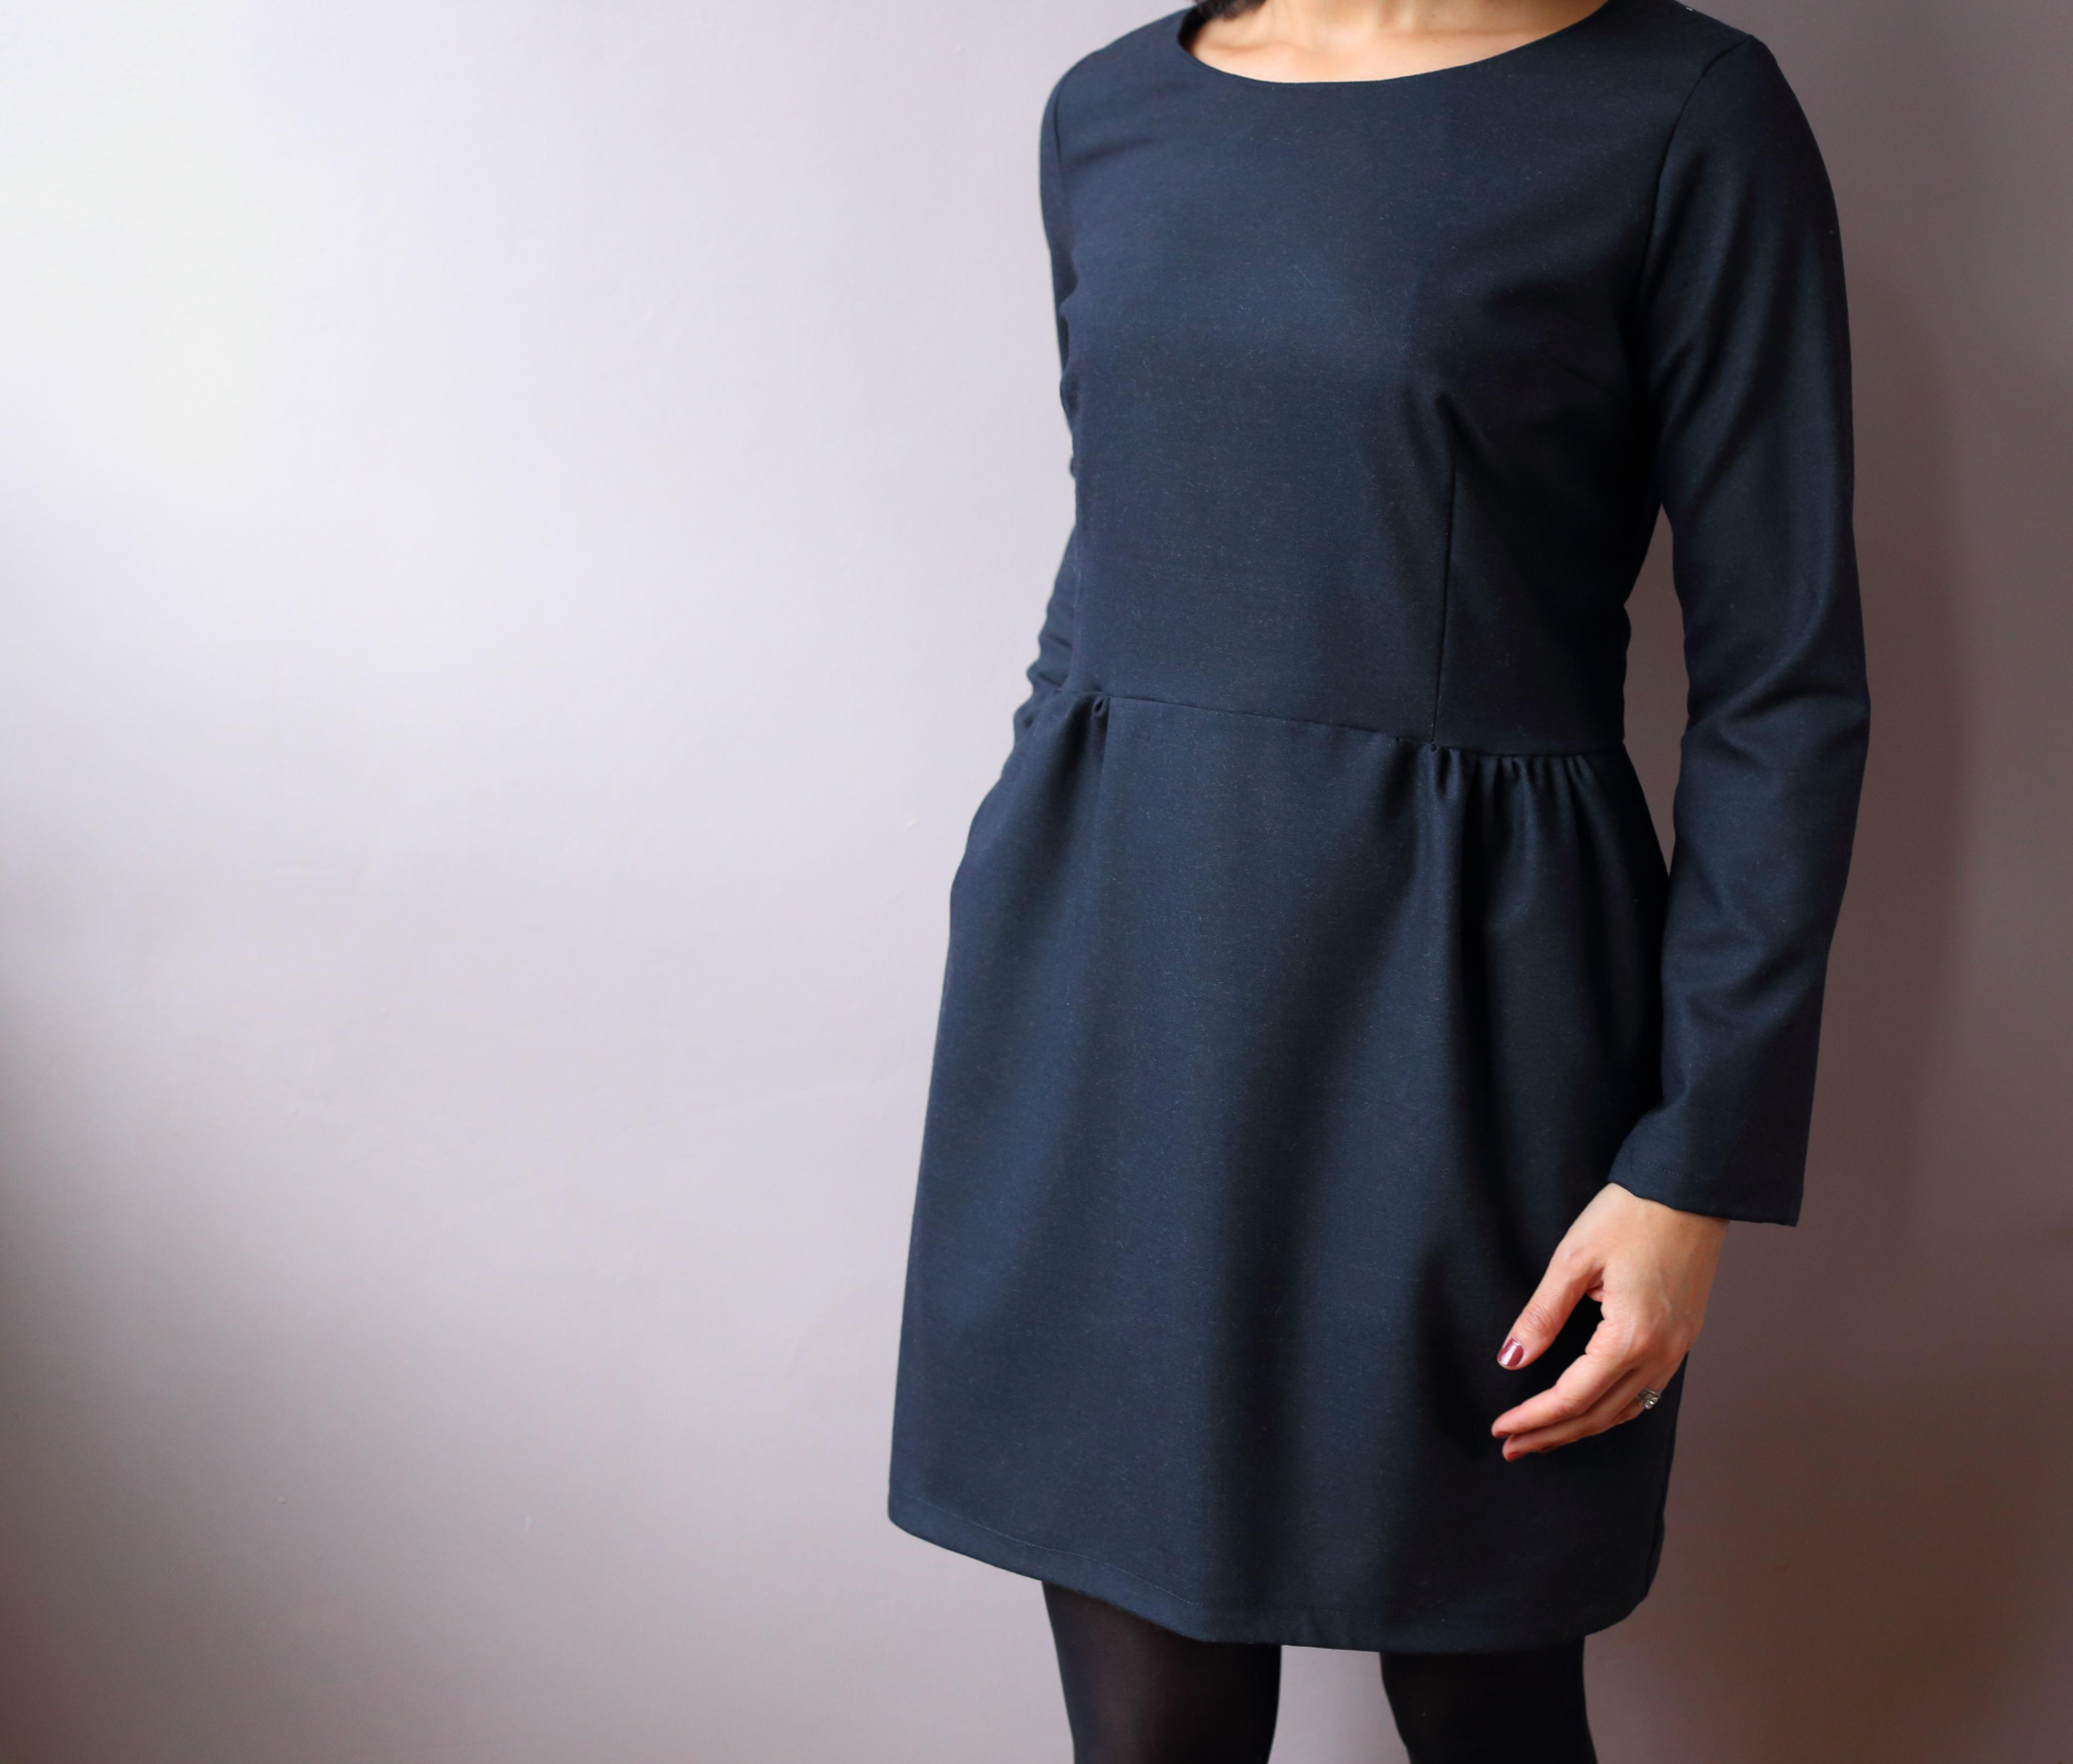 comment coudre une robe manche longue